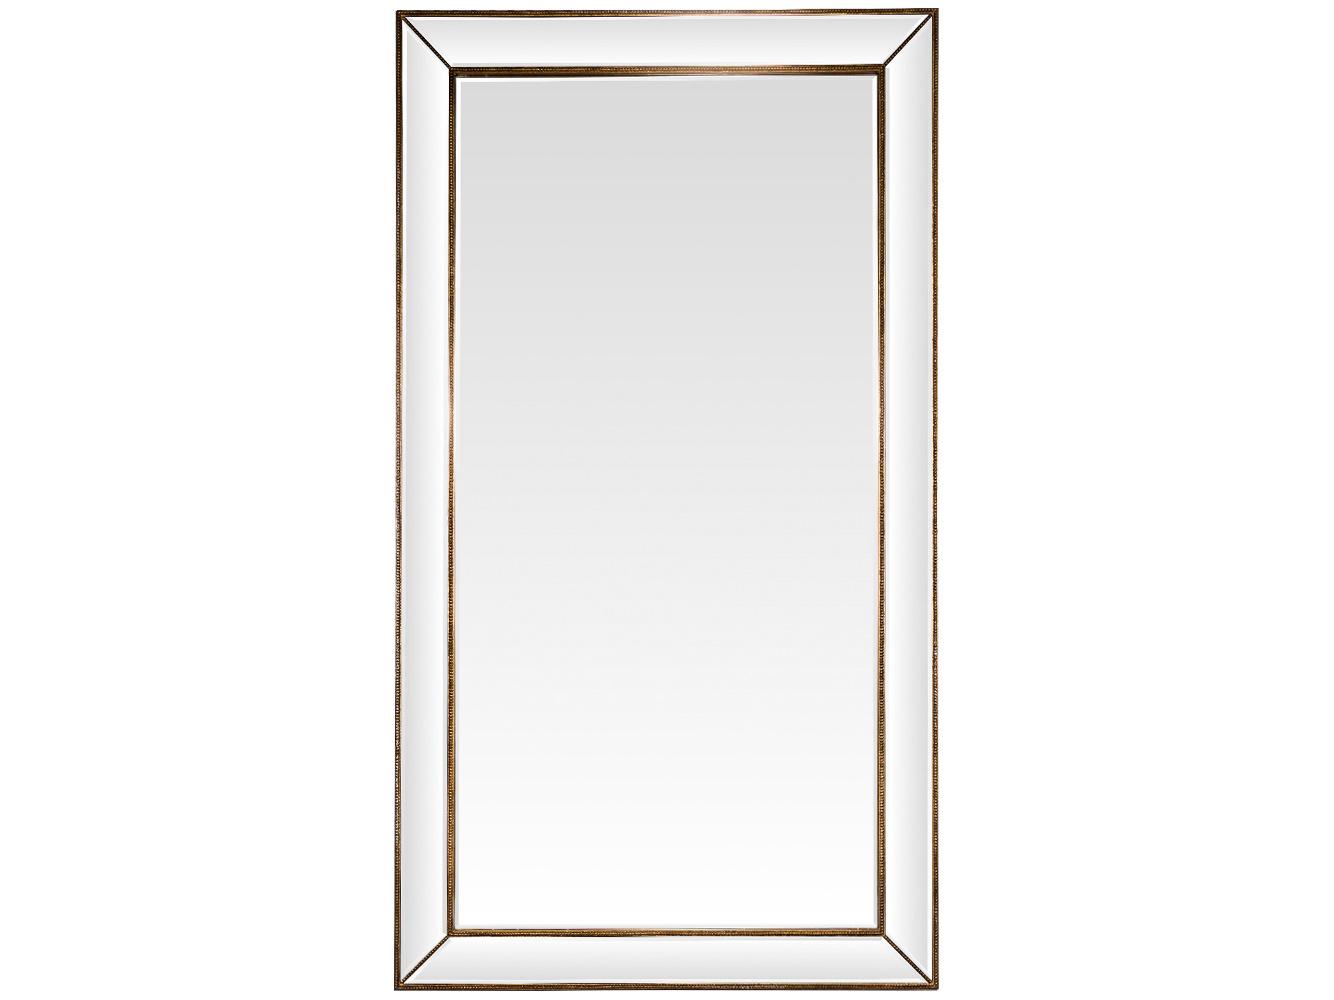 Настенное зеркало «Эллингтон»Настенные зеркала<br>Обладая просторным размером, зеркало «Эллингтон» дарует ощущение невесомости: блестящие грани фацета элегантны и воздушны. Зеркало &amp;quot;Эллингтон&amp;quot; - универсальное решение спальни, кабинета, гостиной комнаты, столовой, холла и прихожей. Строгая прямоугольная форма идеально рифмуется с современной цифровой техникой. Зеркало покрыто серебряной амальгамой, обладает идеально ровной поверхностью, не боится влаги.<br><br>Material: МДФ<br>Ширина см: 109.0<br>Высота см: 200.0<br>Глубина см: 5.0